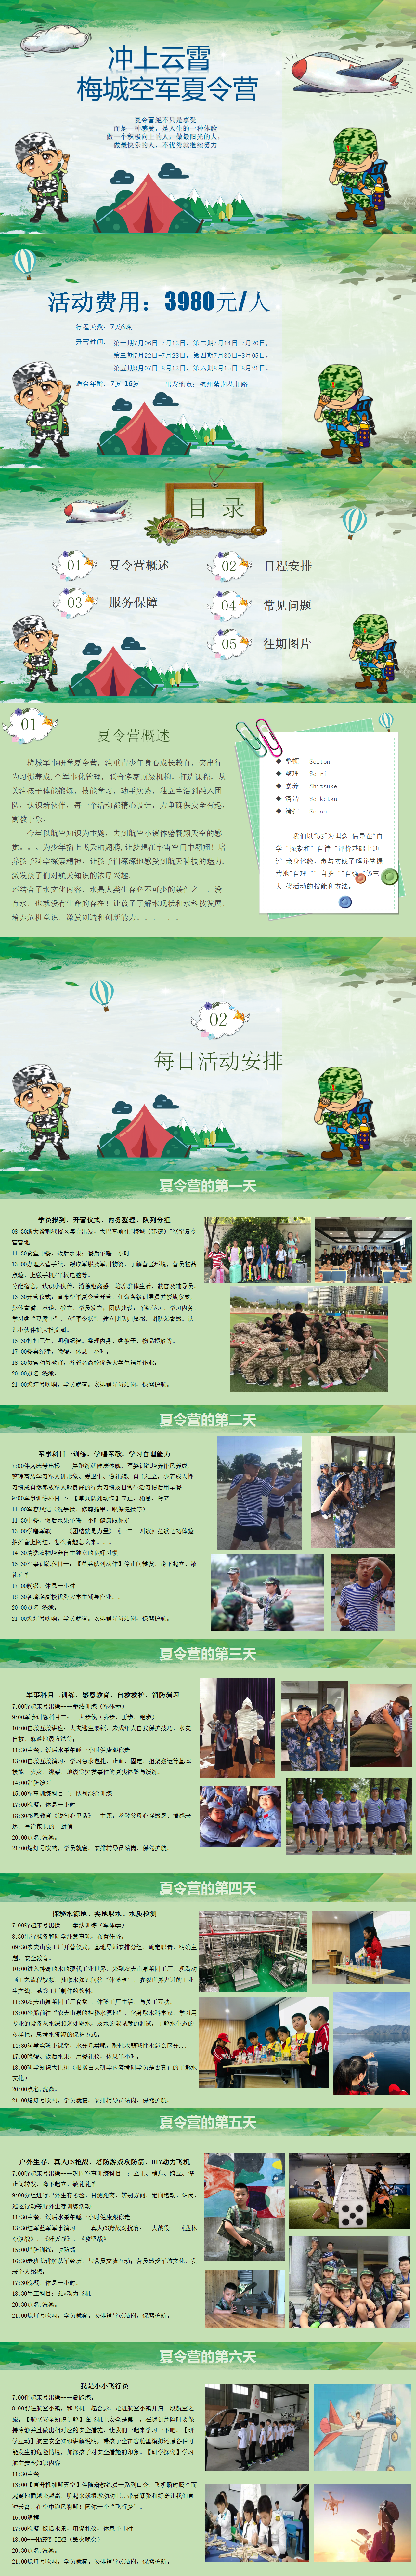 梅城空军7天夏令营0